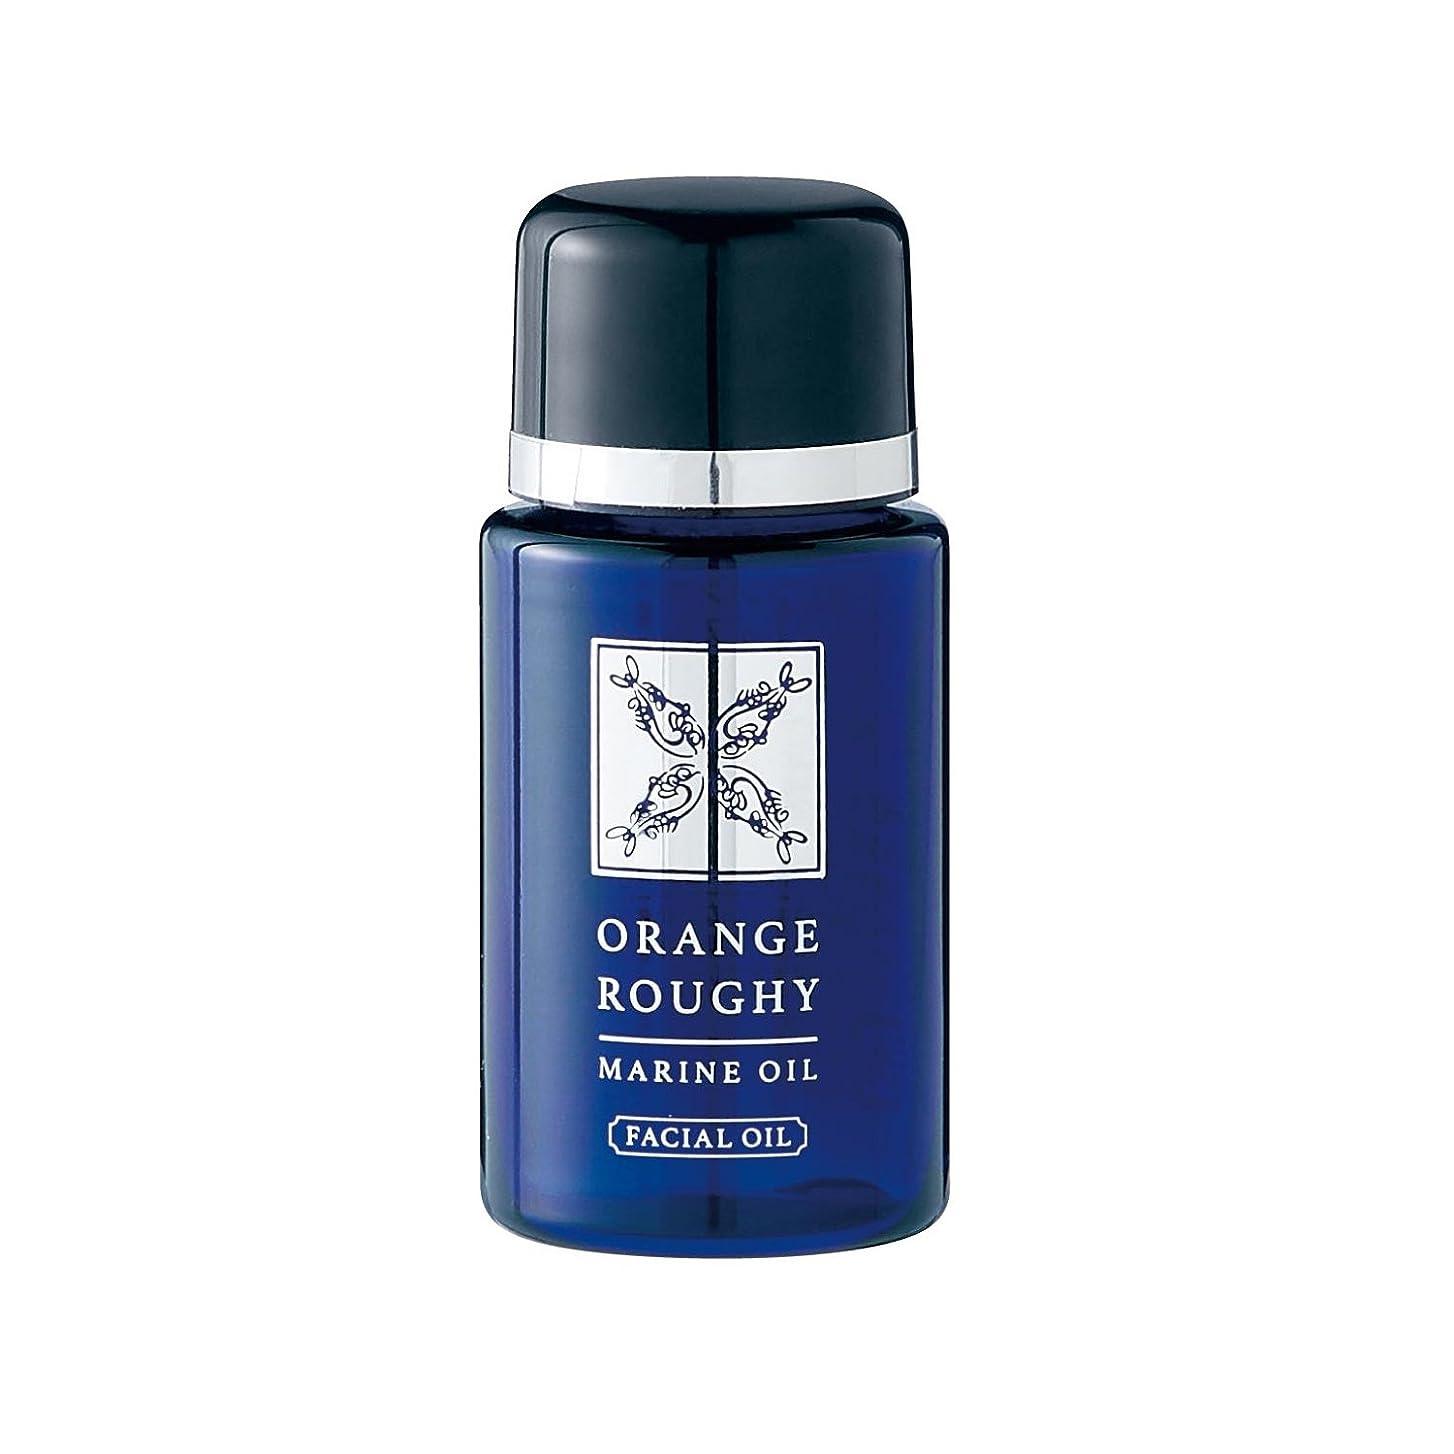 みなすわがまま変形[ベルメゾン] オレンジラフィー お試し用ピュアモイストオイル